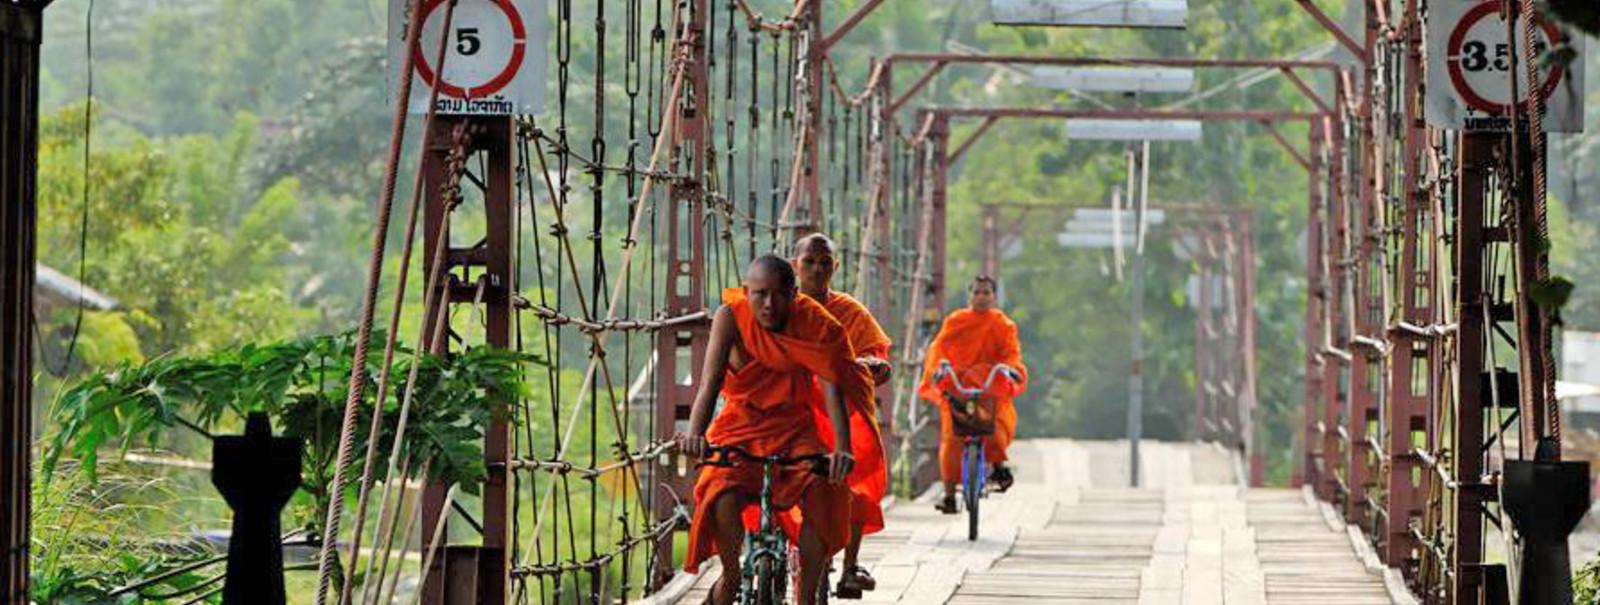 Un voyage à faire au Laos